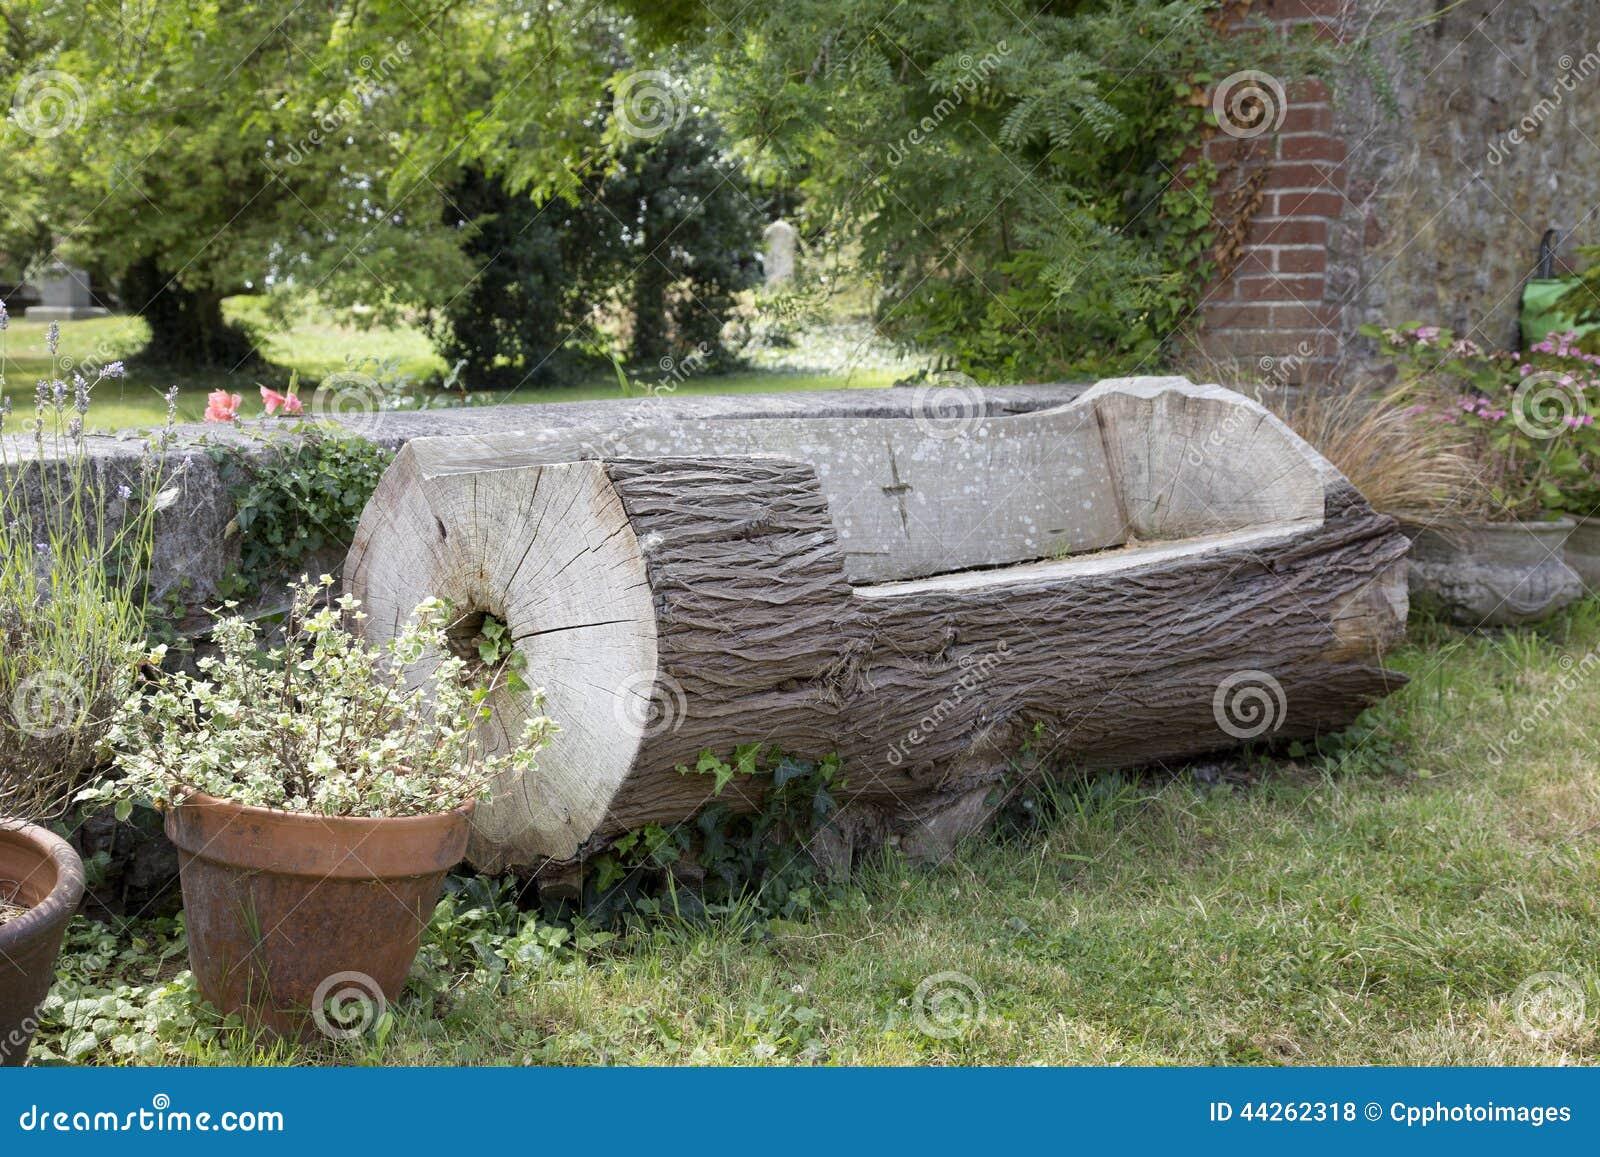 banc fabriqu partir d 39 un tronc d 39 arbre photo stock image du d coupez trunk 44262318. Black Bedroom Furniture Sets. Home Design Ideas